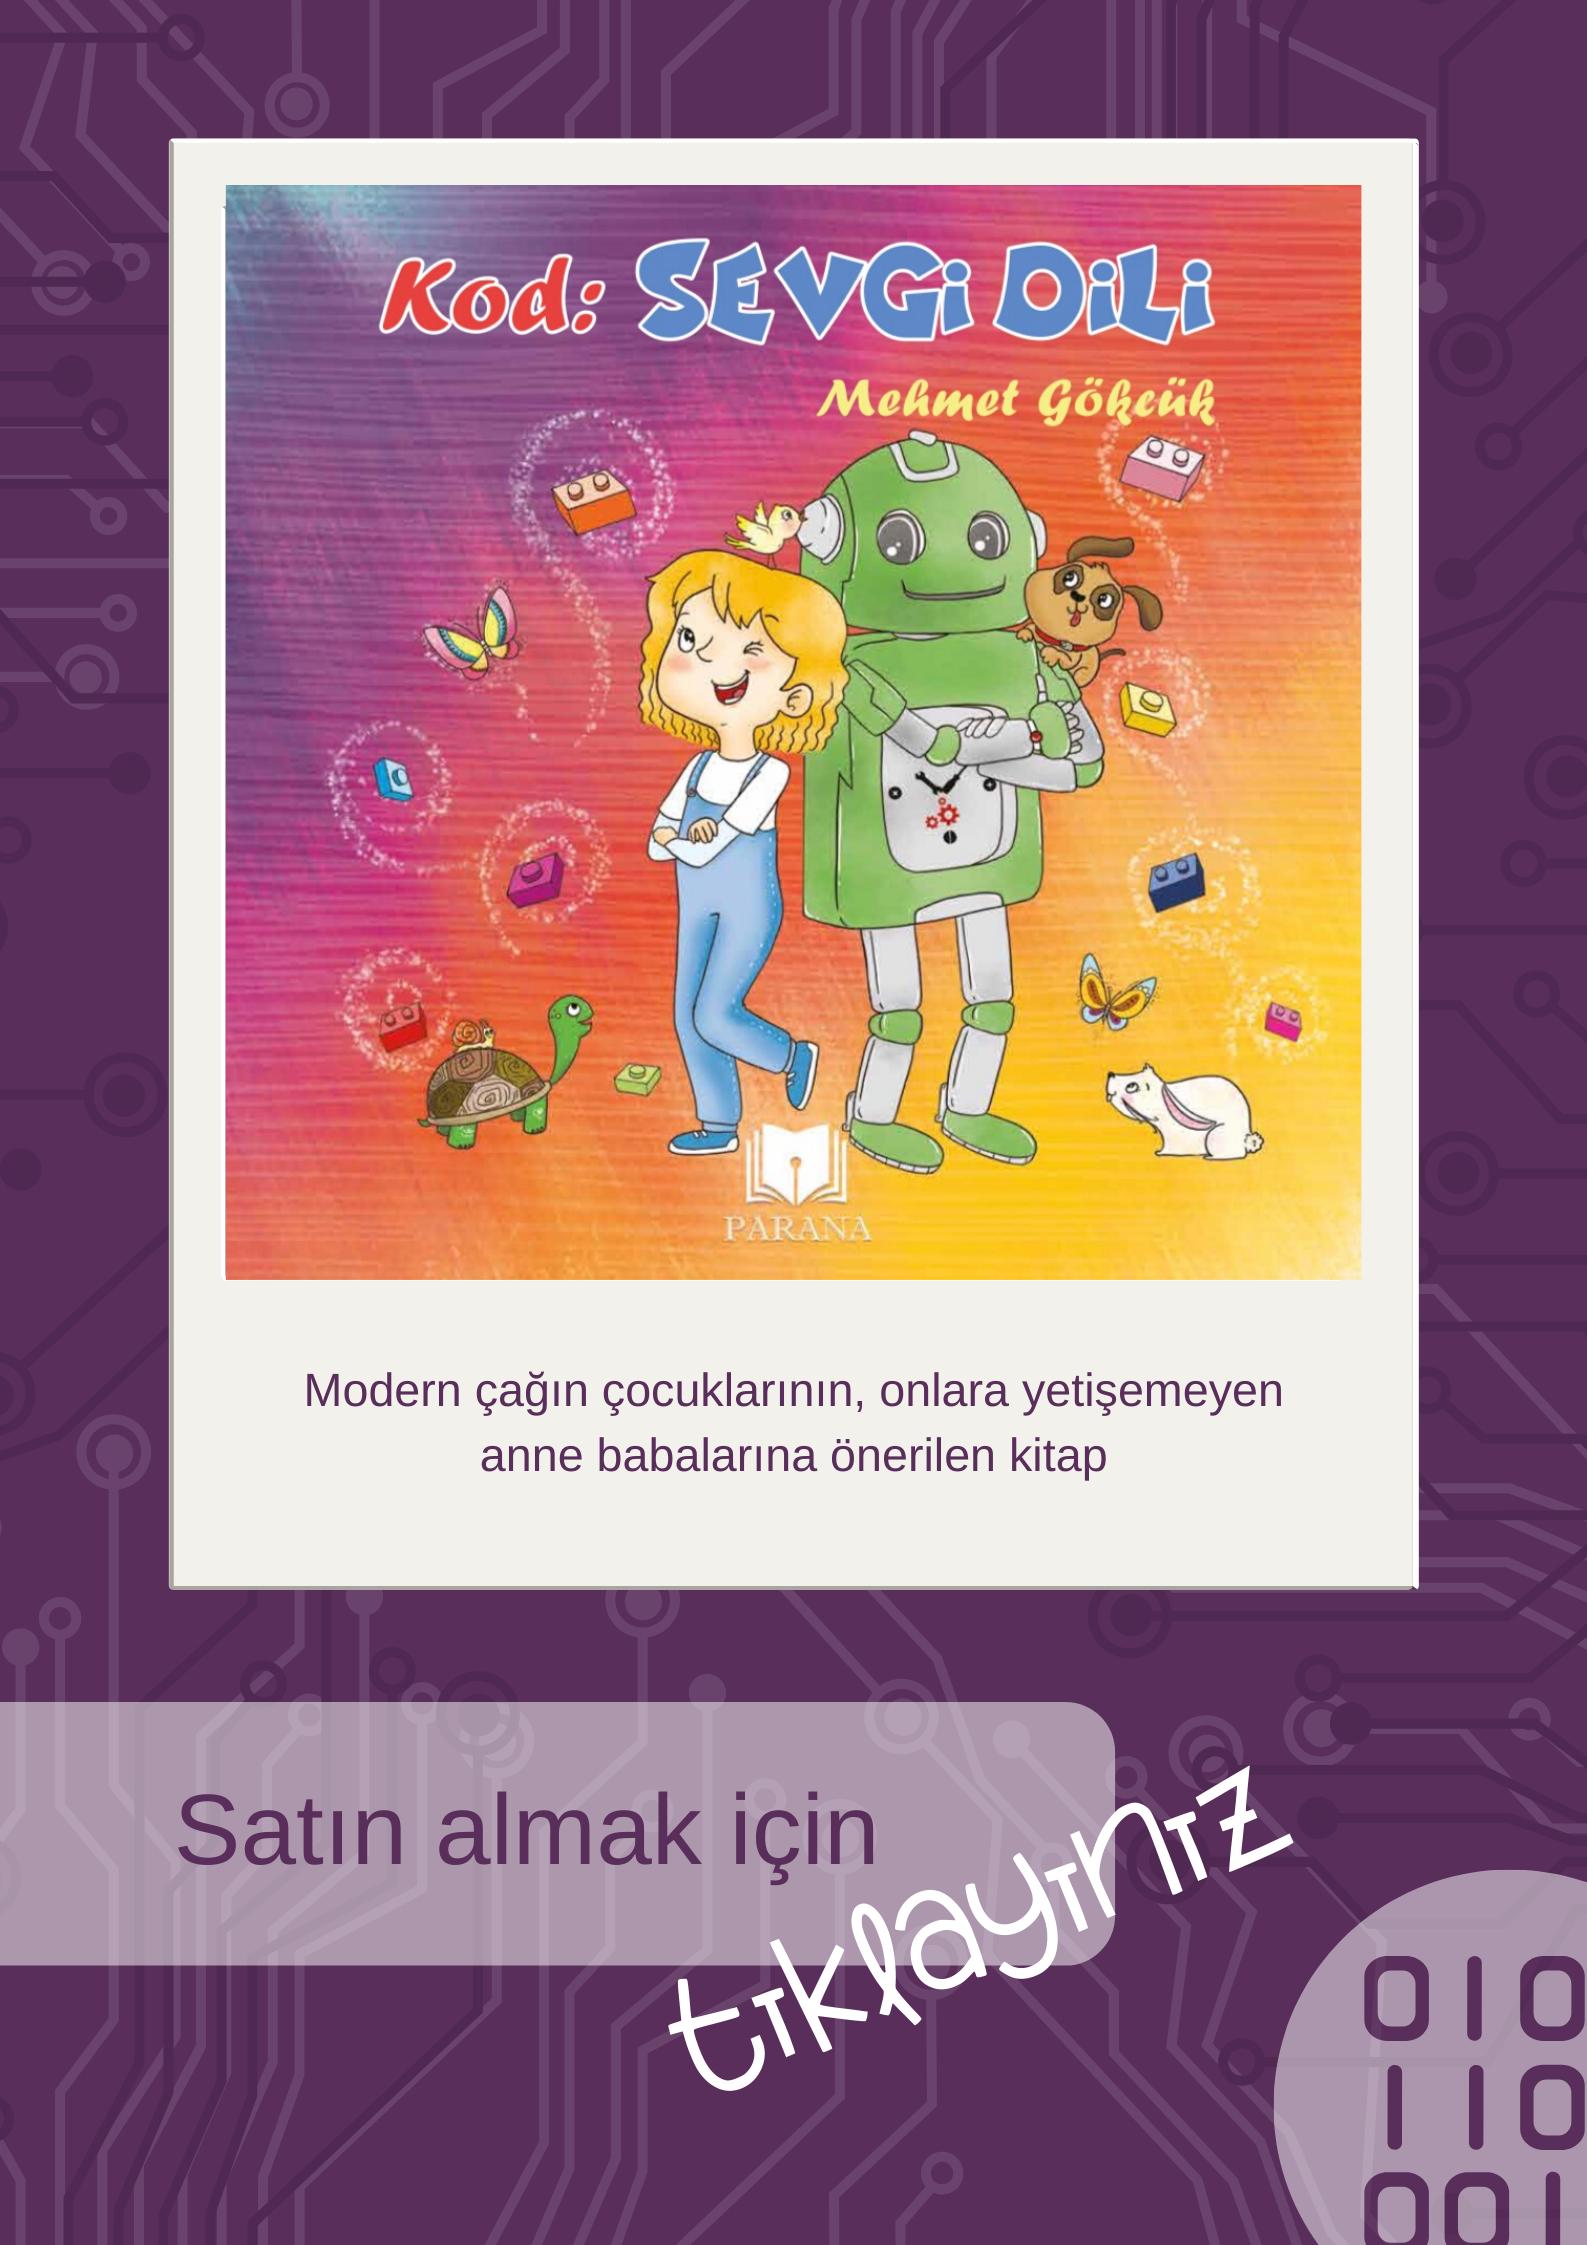 Reklam | 12 | Kod: Sevgi Dili | Mehmet Gökcük